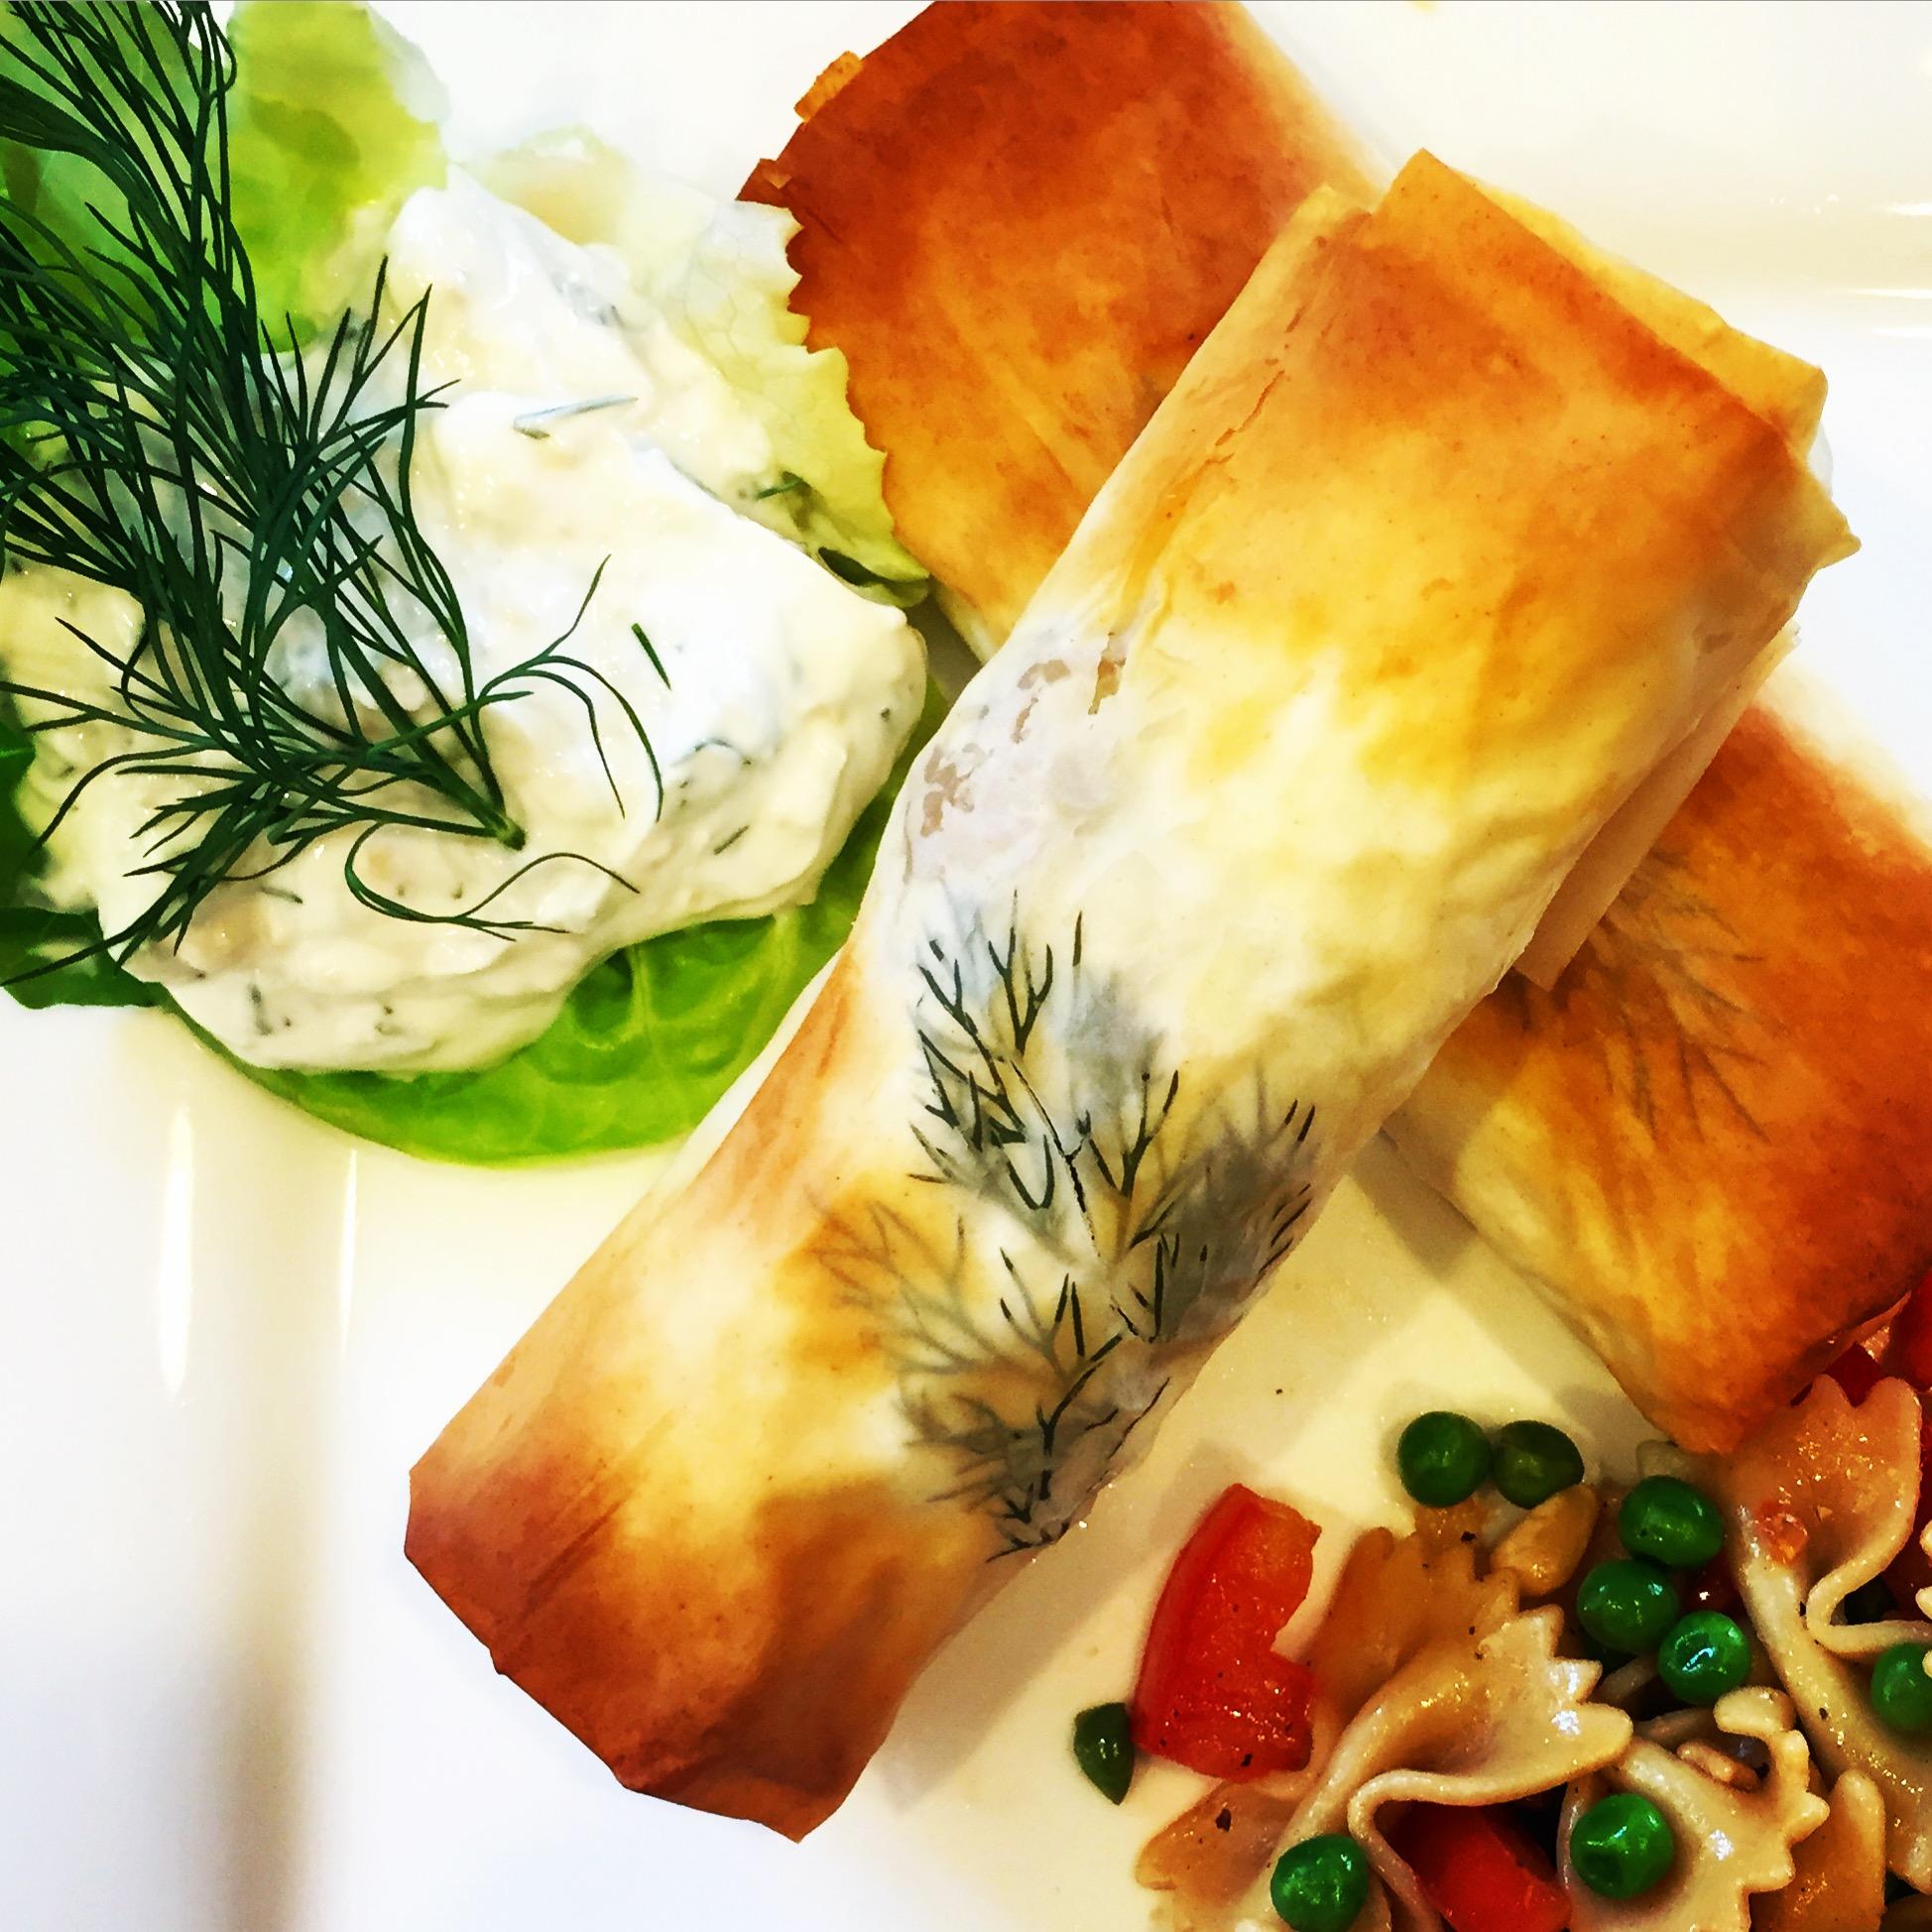 Greek Turkey Phyllo Wraps with Tzatziki Sauce